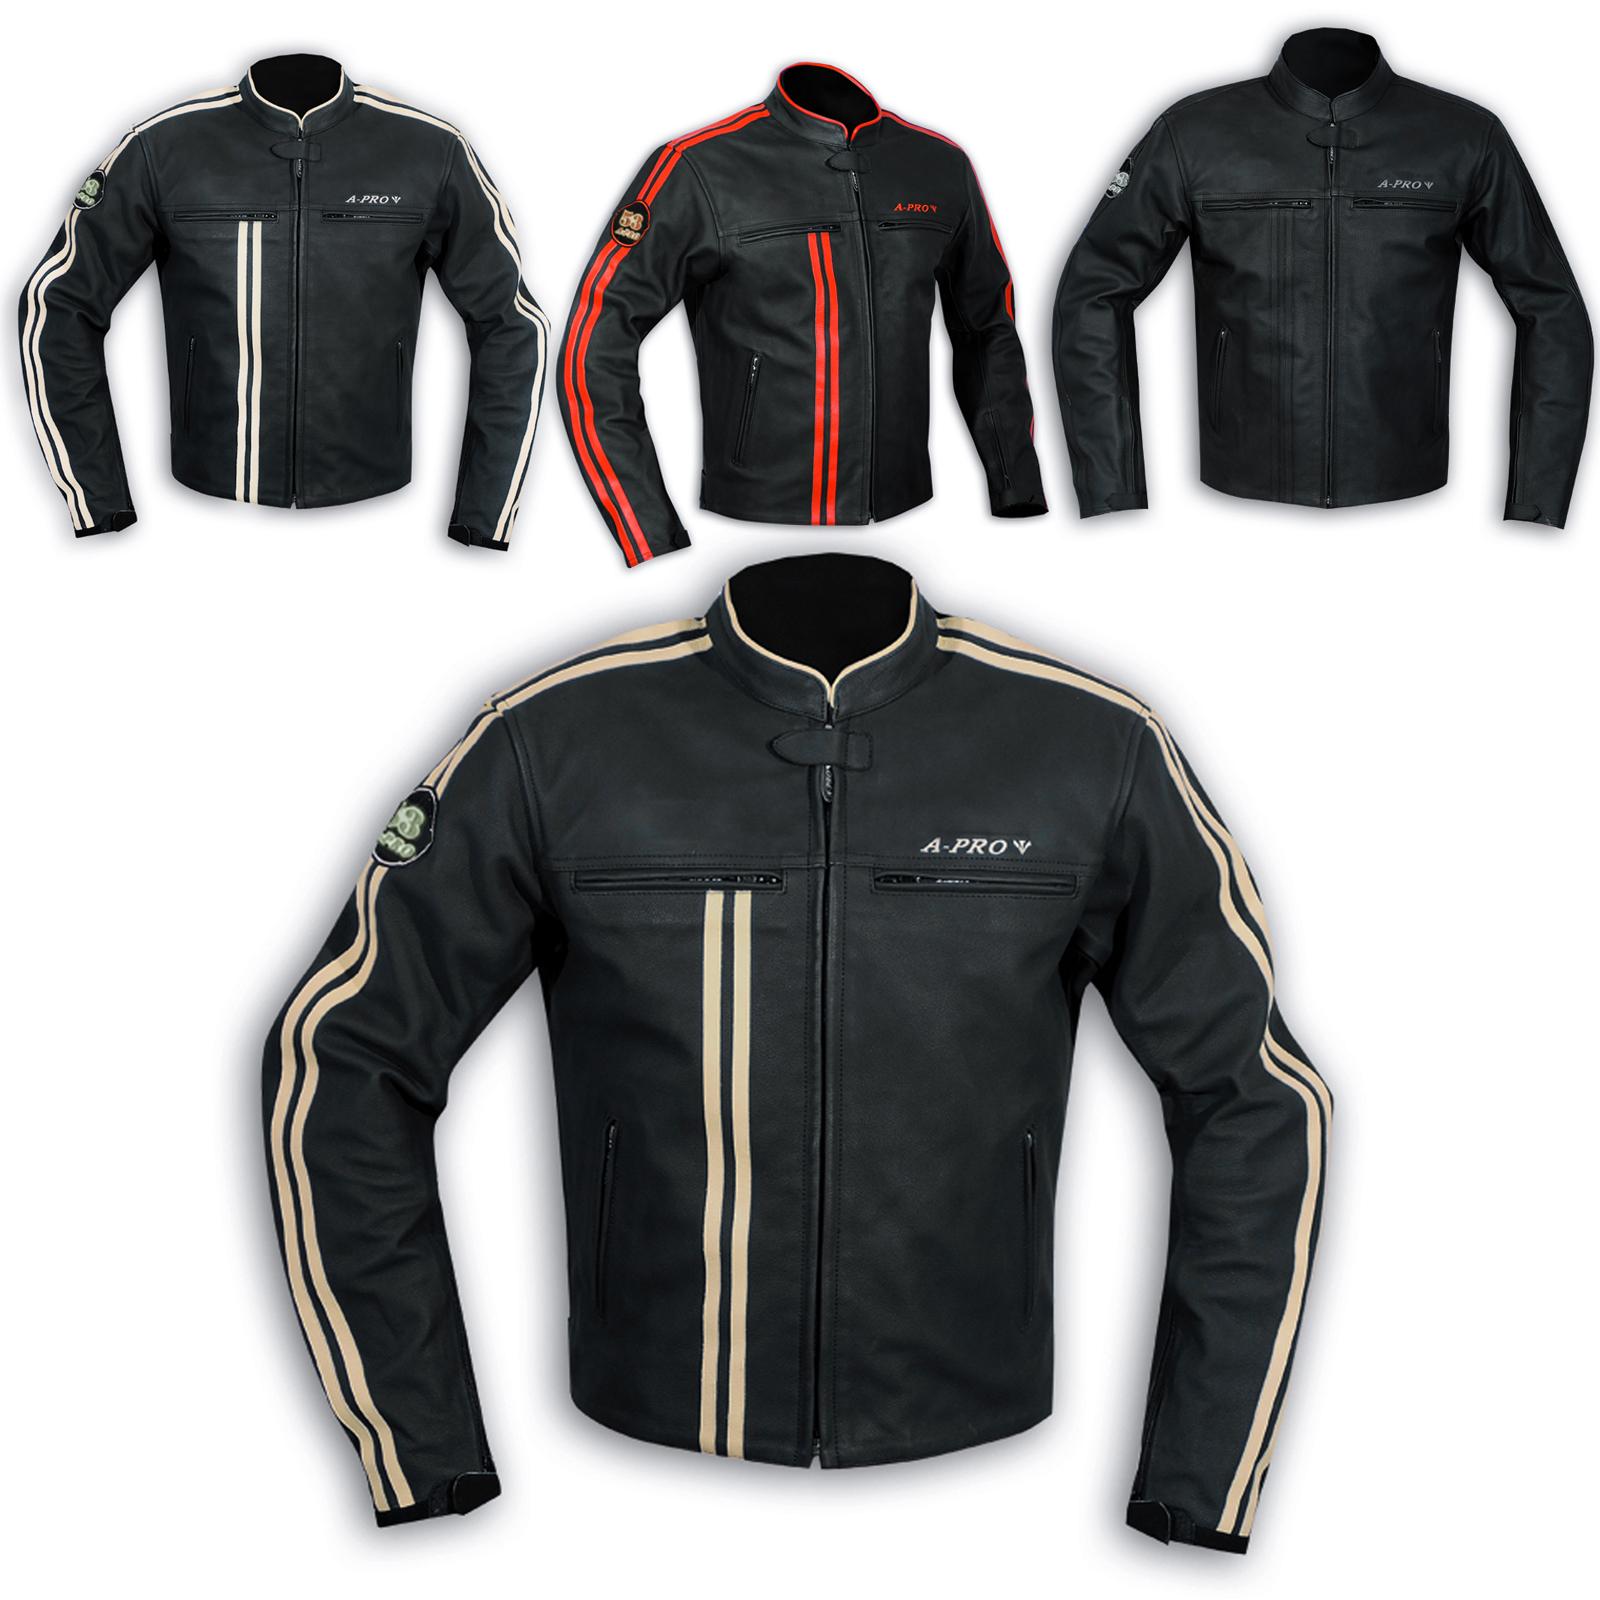 Urban Leather 58 LADIES Giacca Moto Donna in Pelle con Protezioni Per Schiena S Breaker Spalle e Gomiti Omologate CE